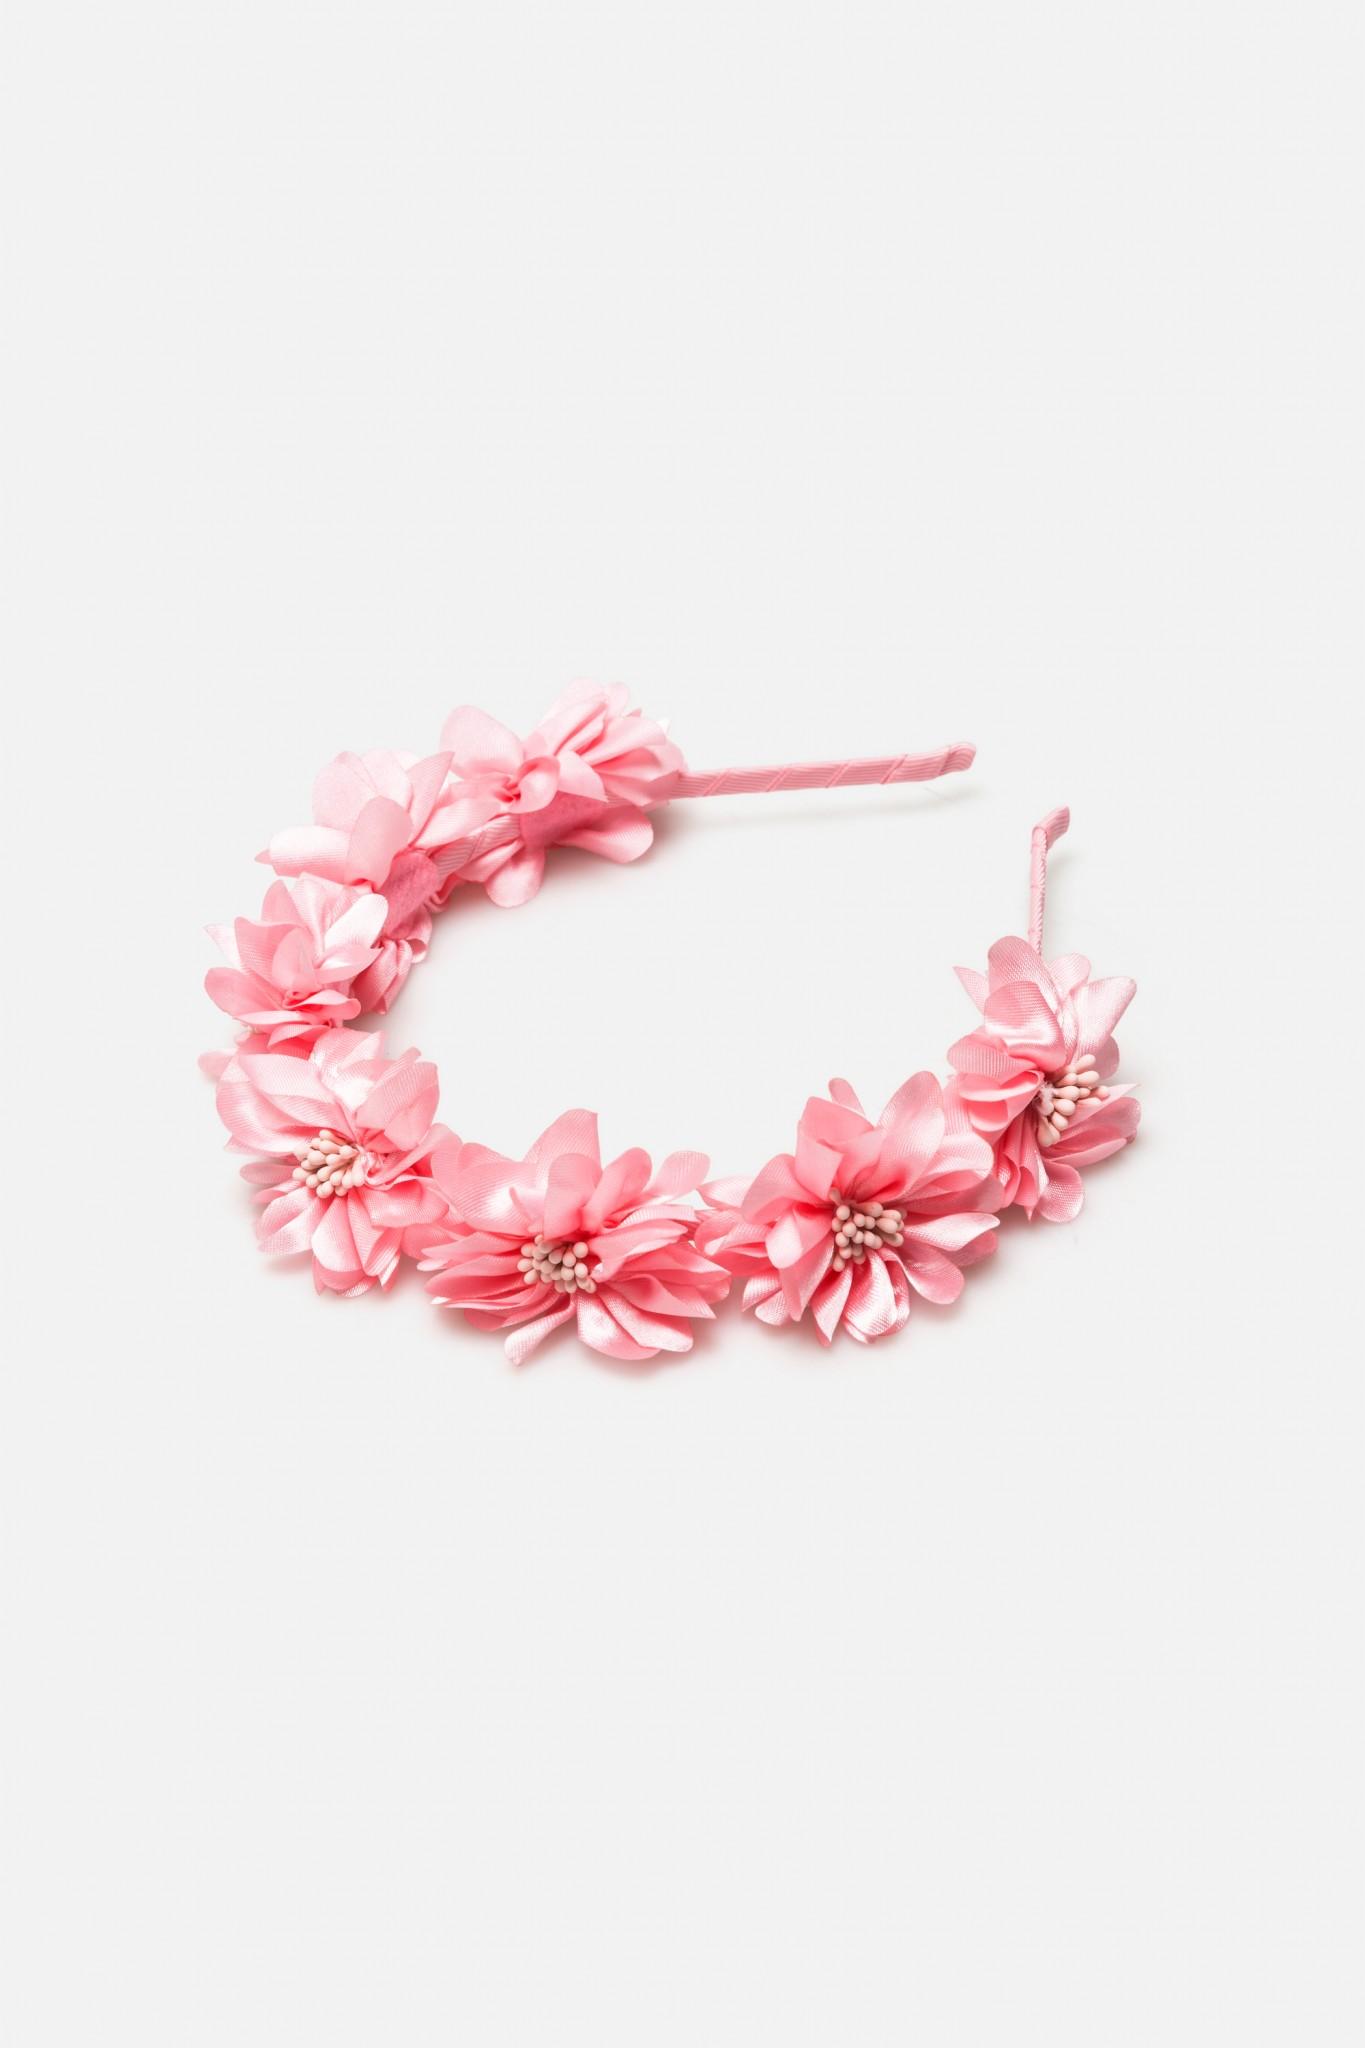 картинки ободки розовые перед